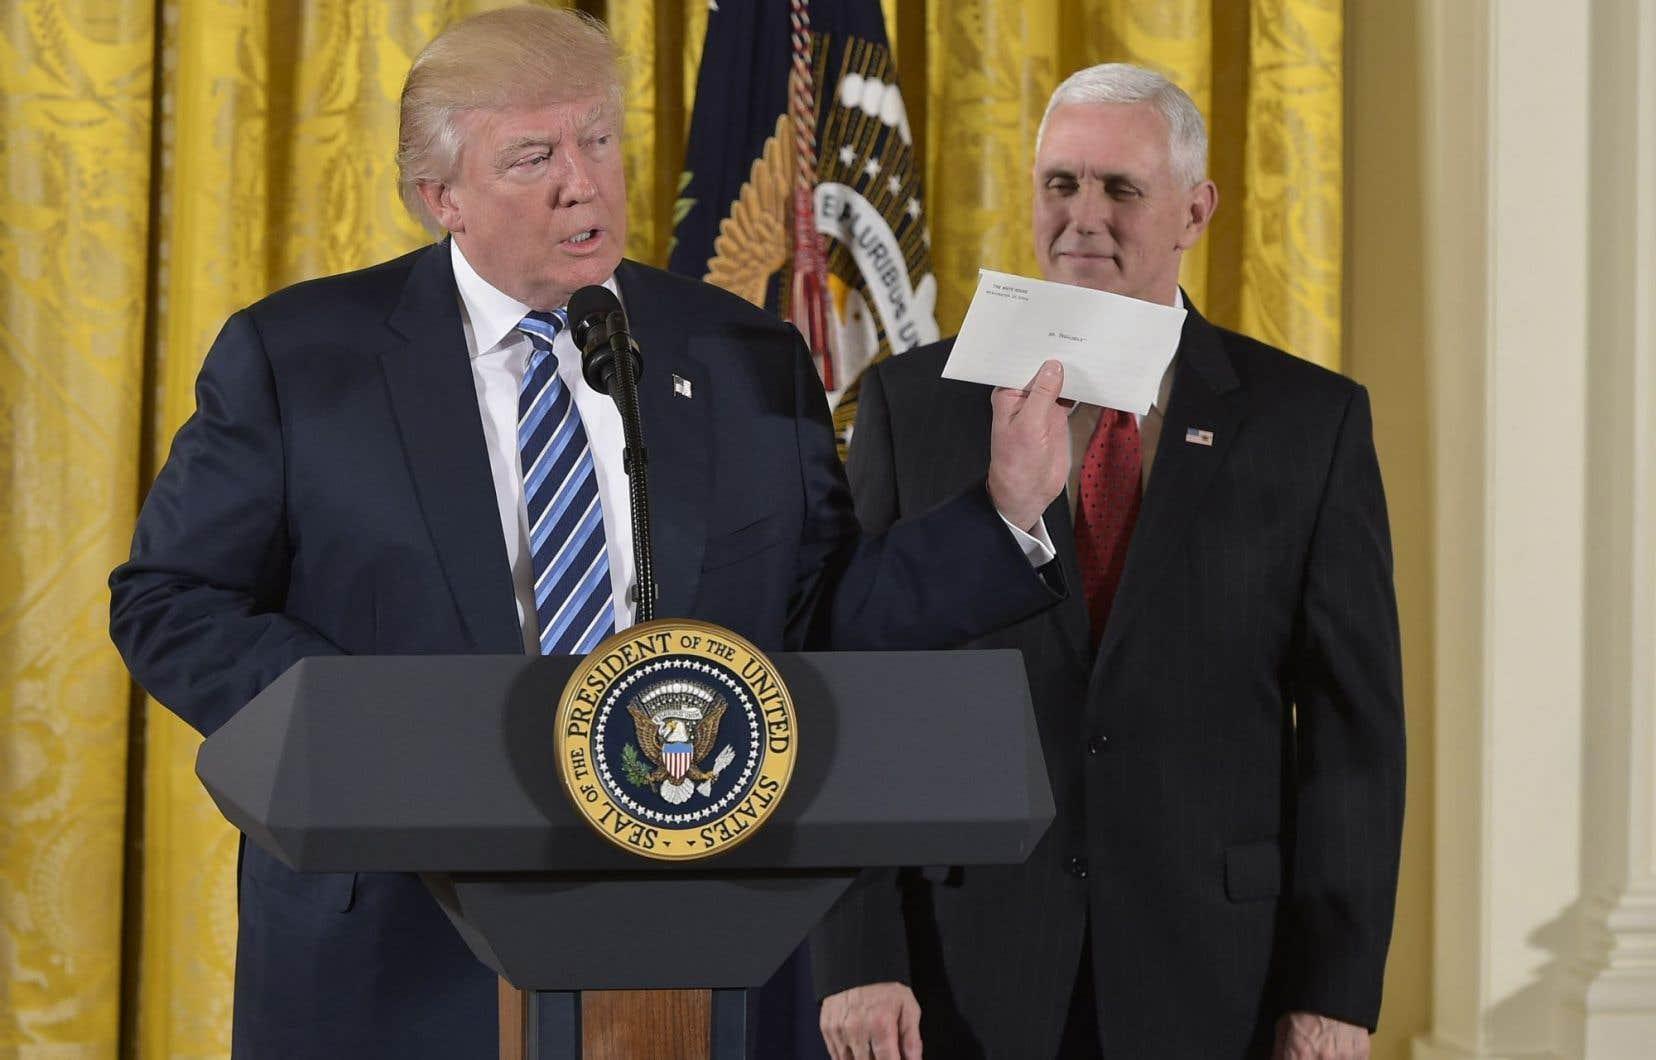 Avant que les médias n'obtiennent une copie de la lettre laissée par Barack Obama, le président Trump l'avait montrée lors d'une conférence de presse le 22 juillet dernier.